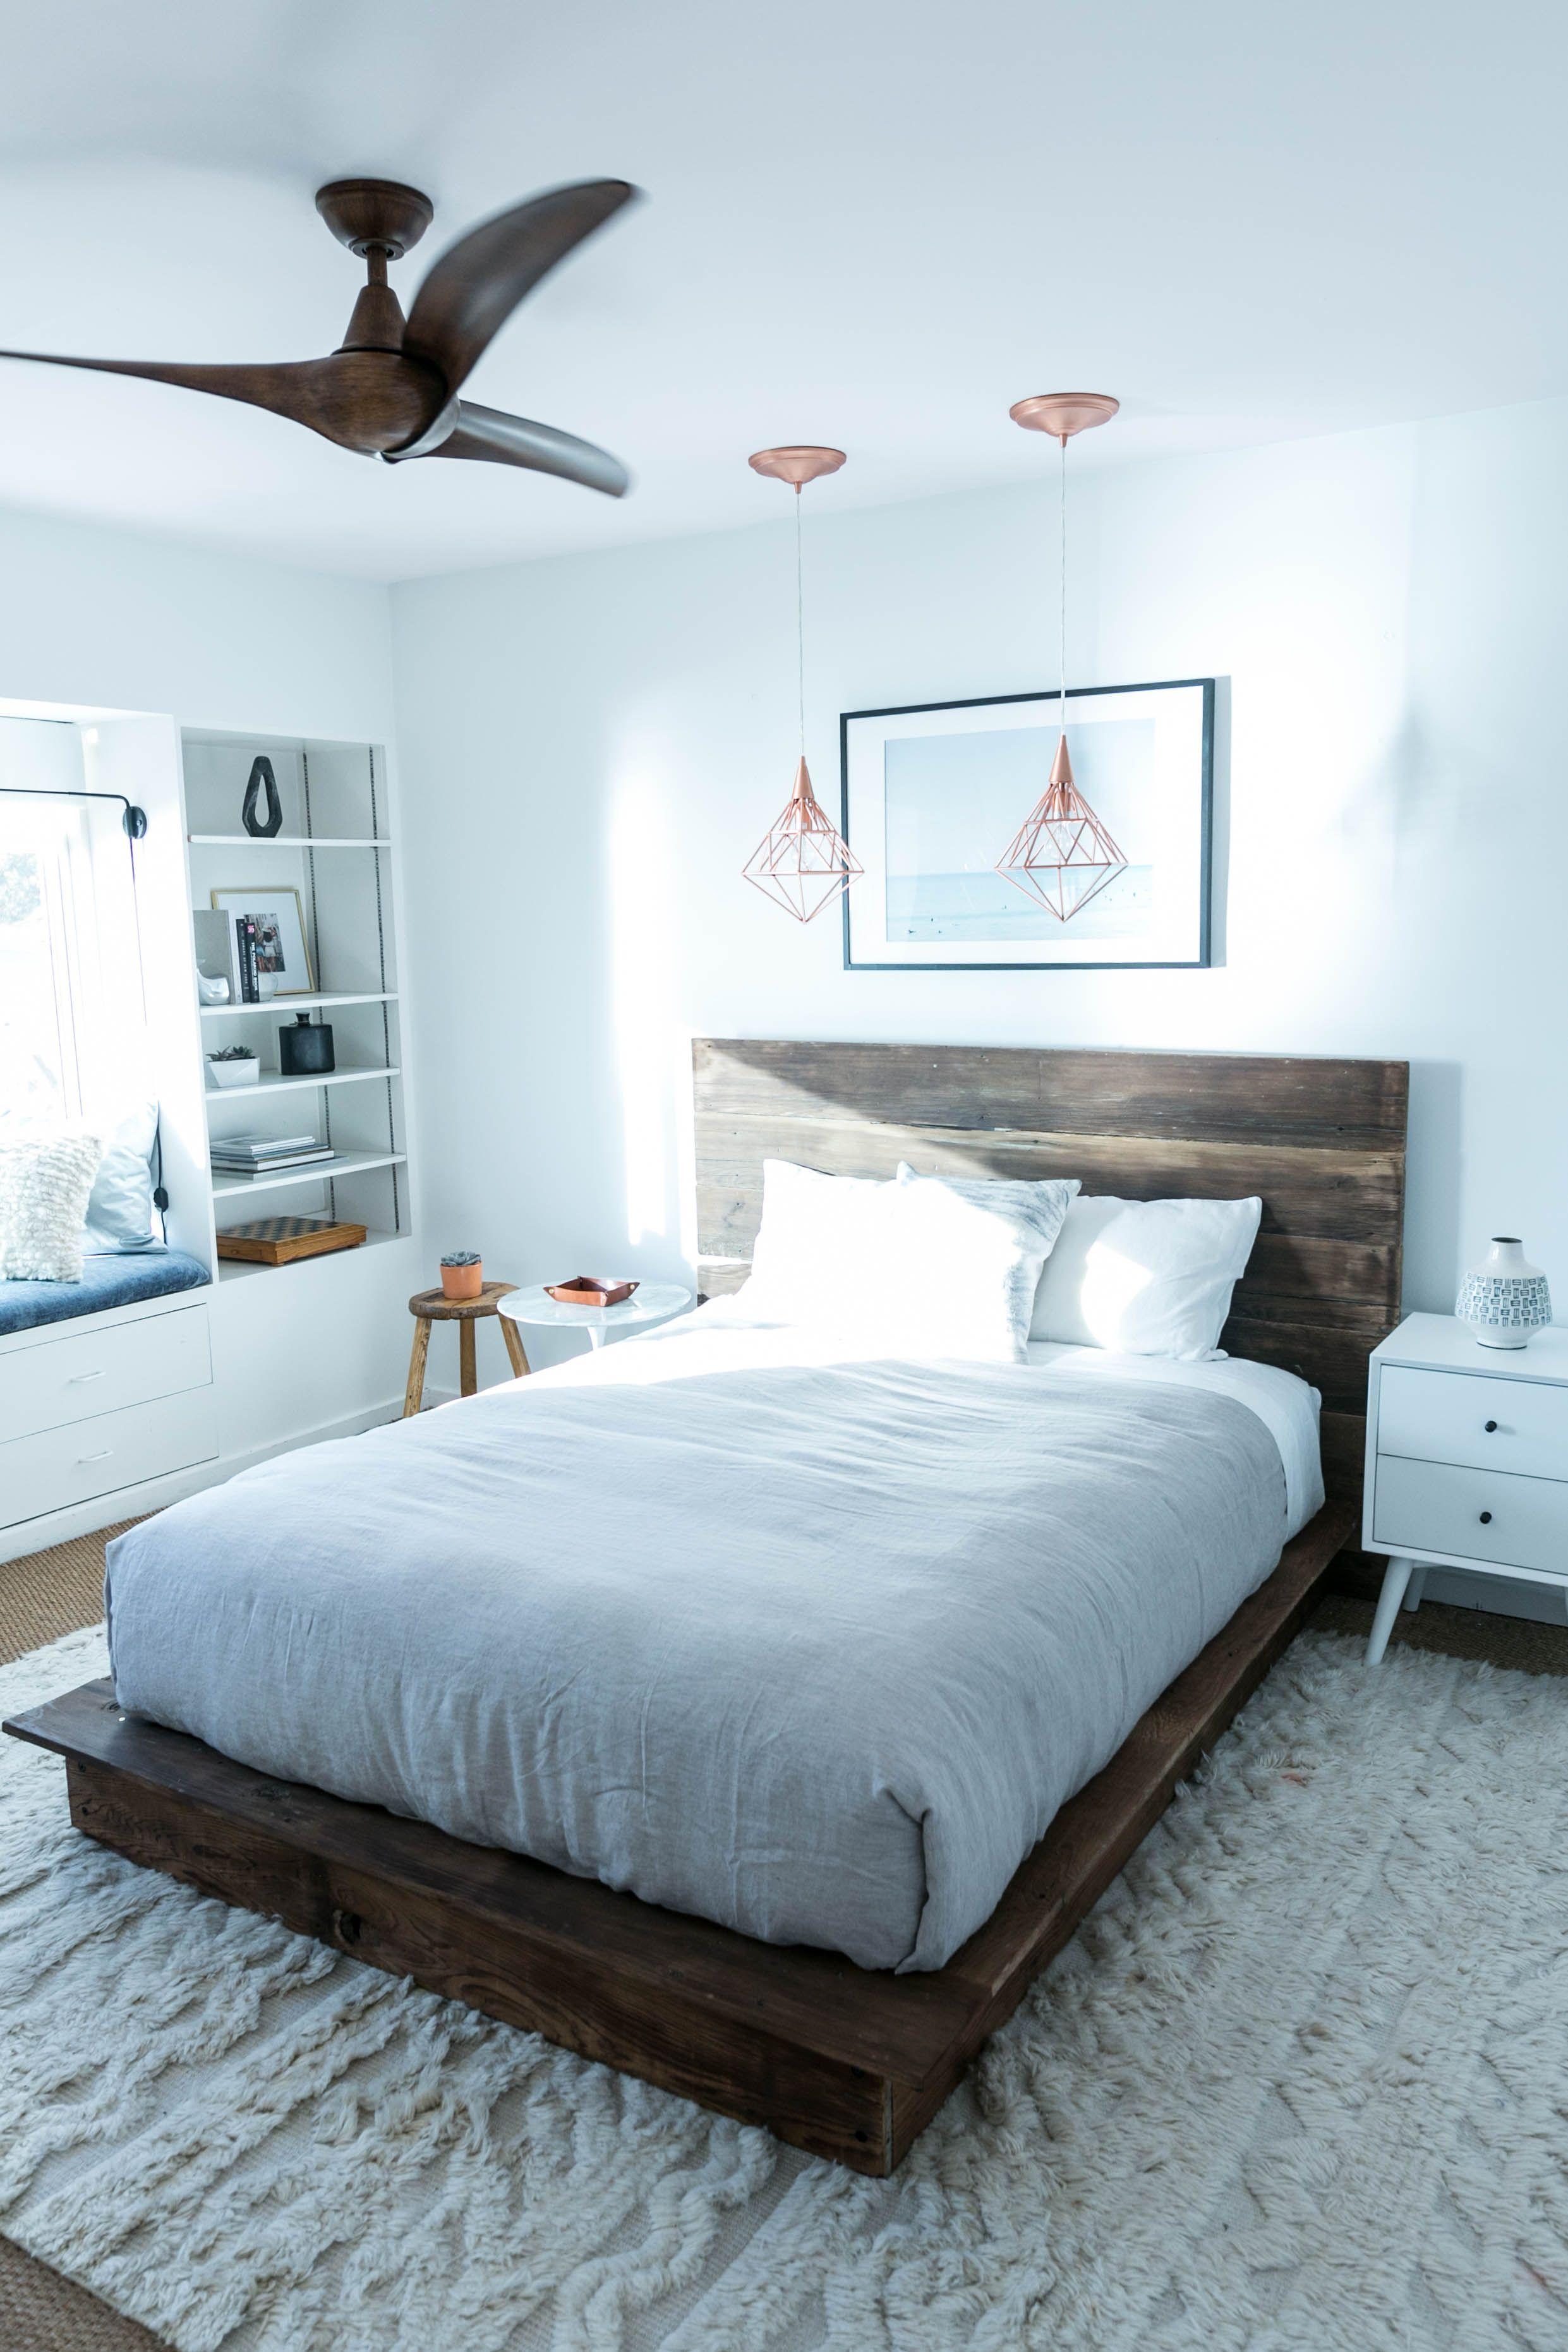 DIY Reclaimed Wood Platform Bed in 2020 Simple bedroom